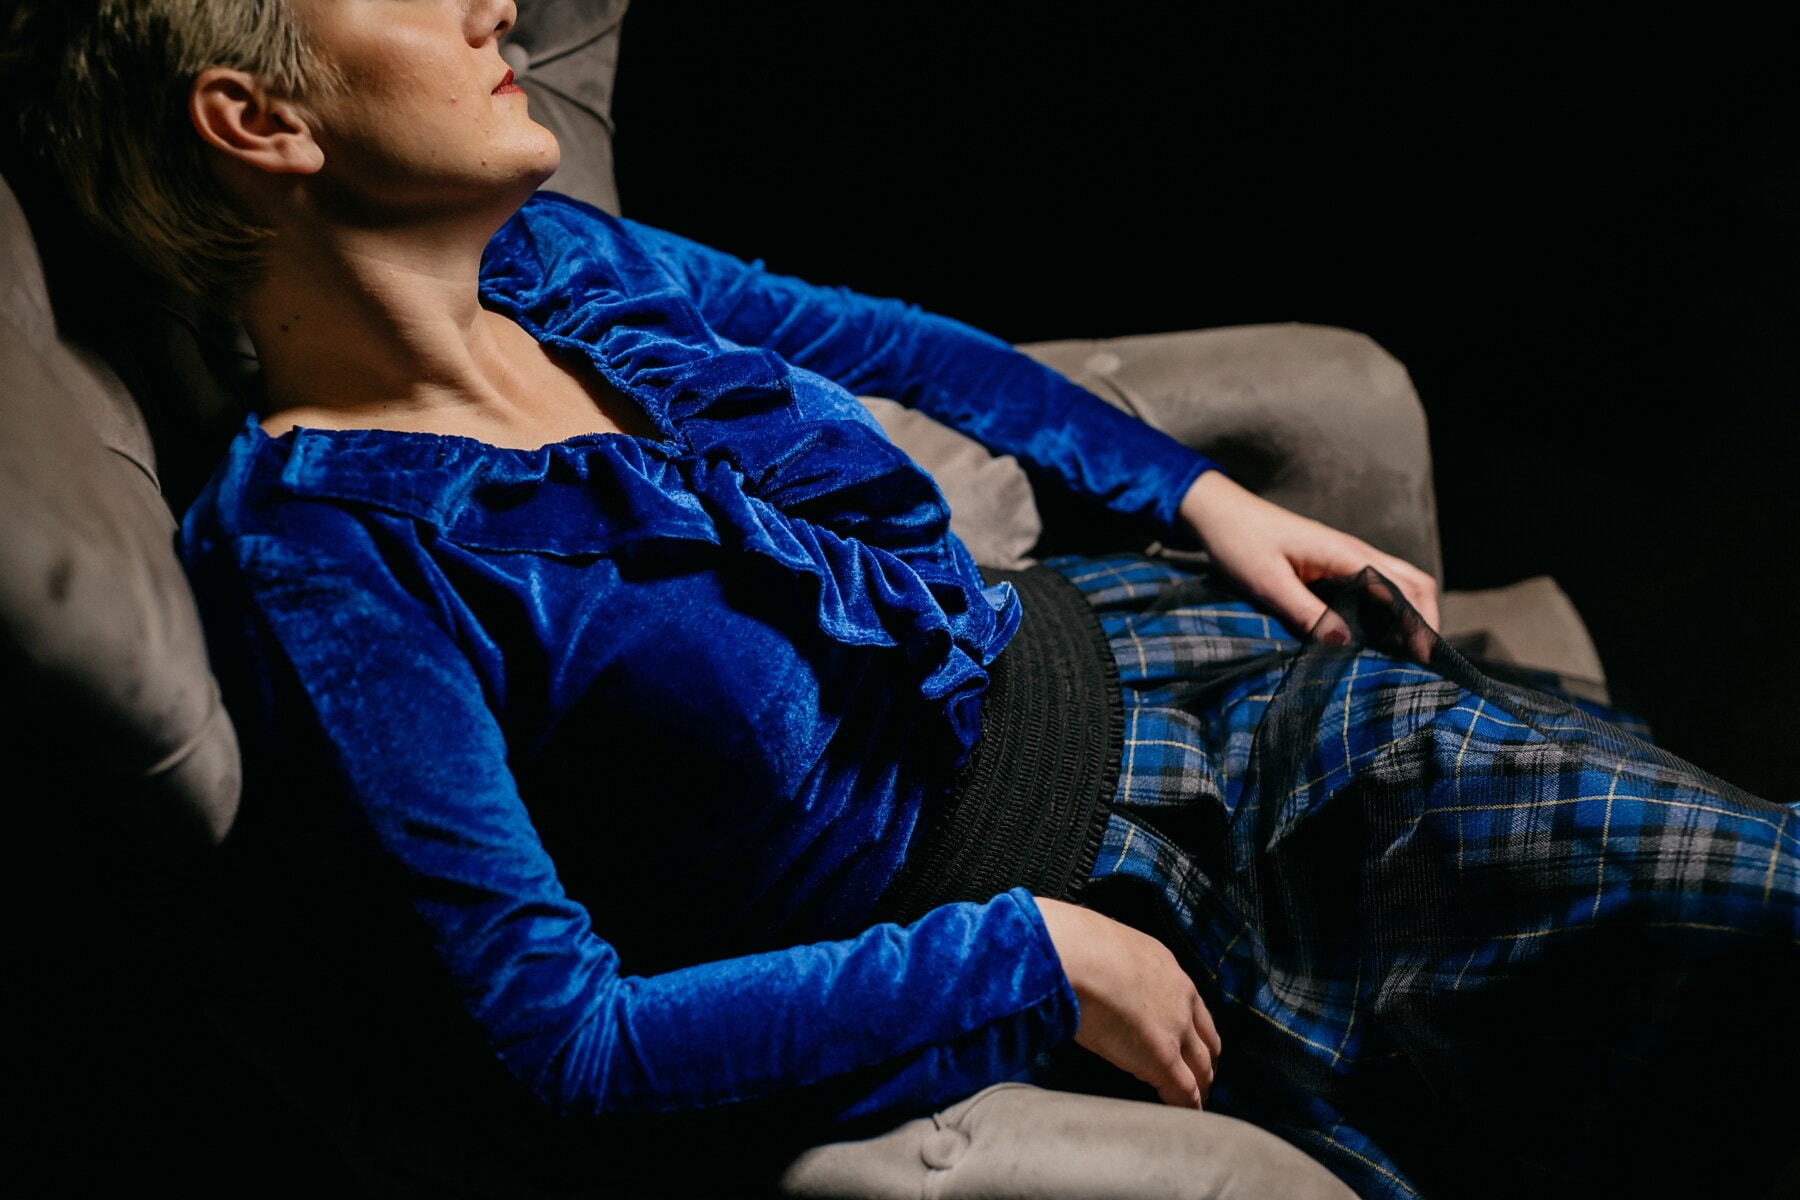 mladá žena, spící, vleže, křeslo, relaxace, spánek, lidé, portrét, světlo, žena